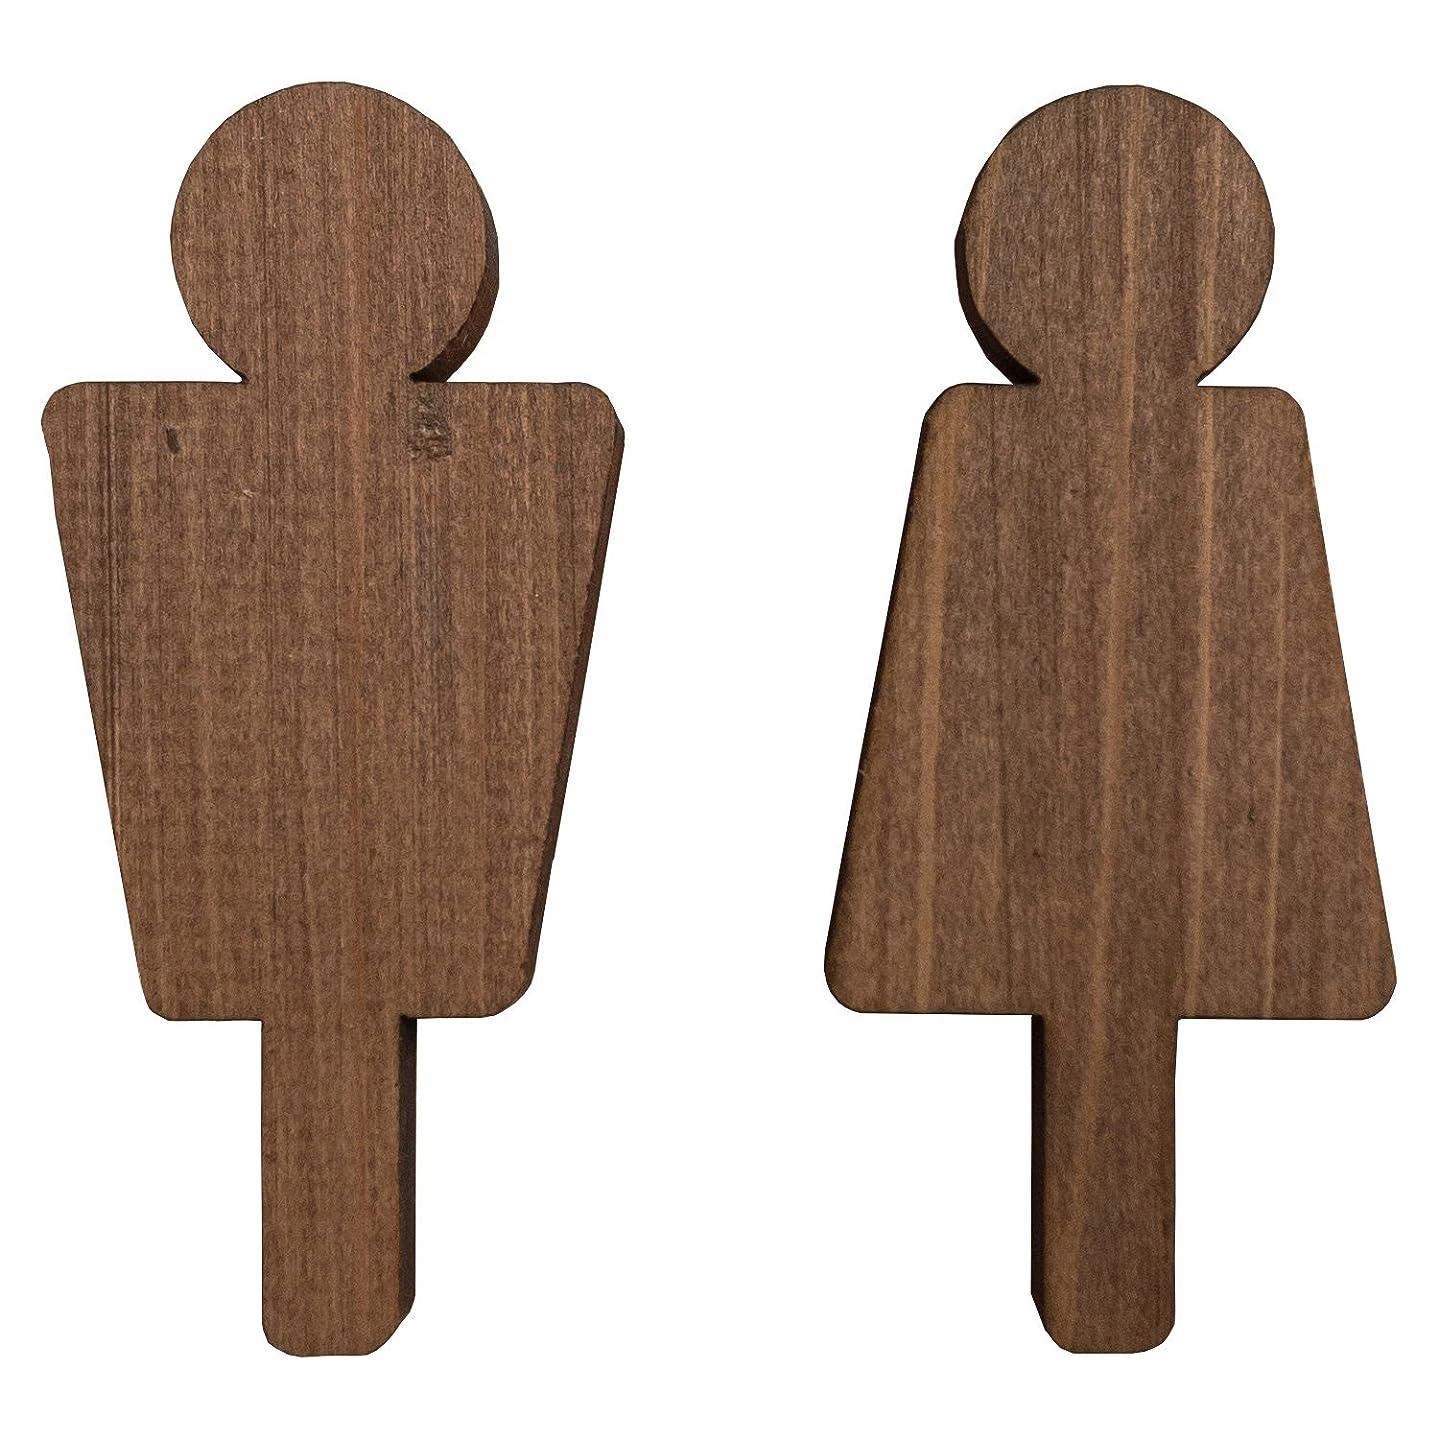 かる倒産クランプ木製サインプレート トイレマーク 抜き型 国産ヒノキ (ブラウン)